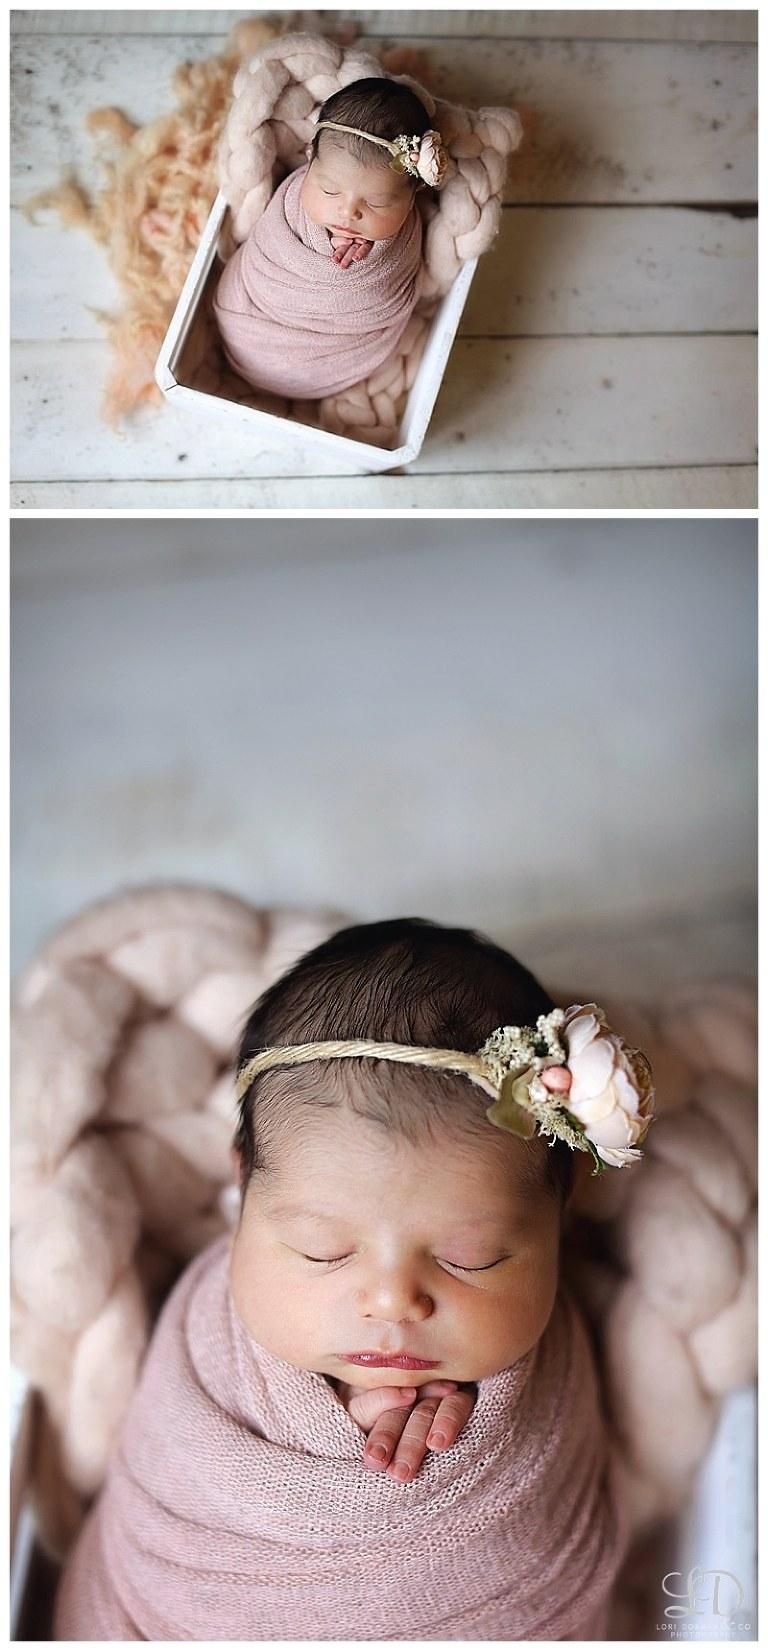 sweet newborn photoshoot-baby girl newborn-baby photographer-professional photographer-lori dorman photography_1978.jpg